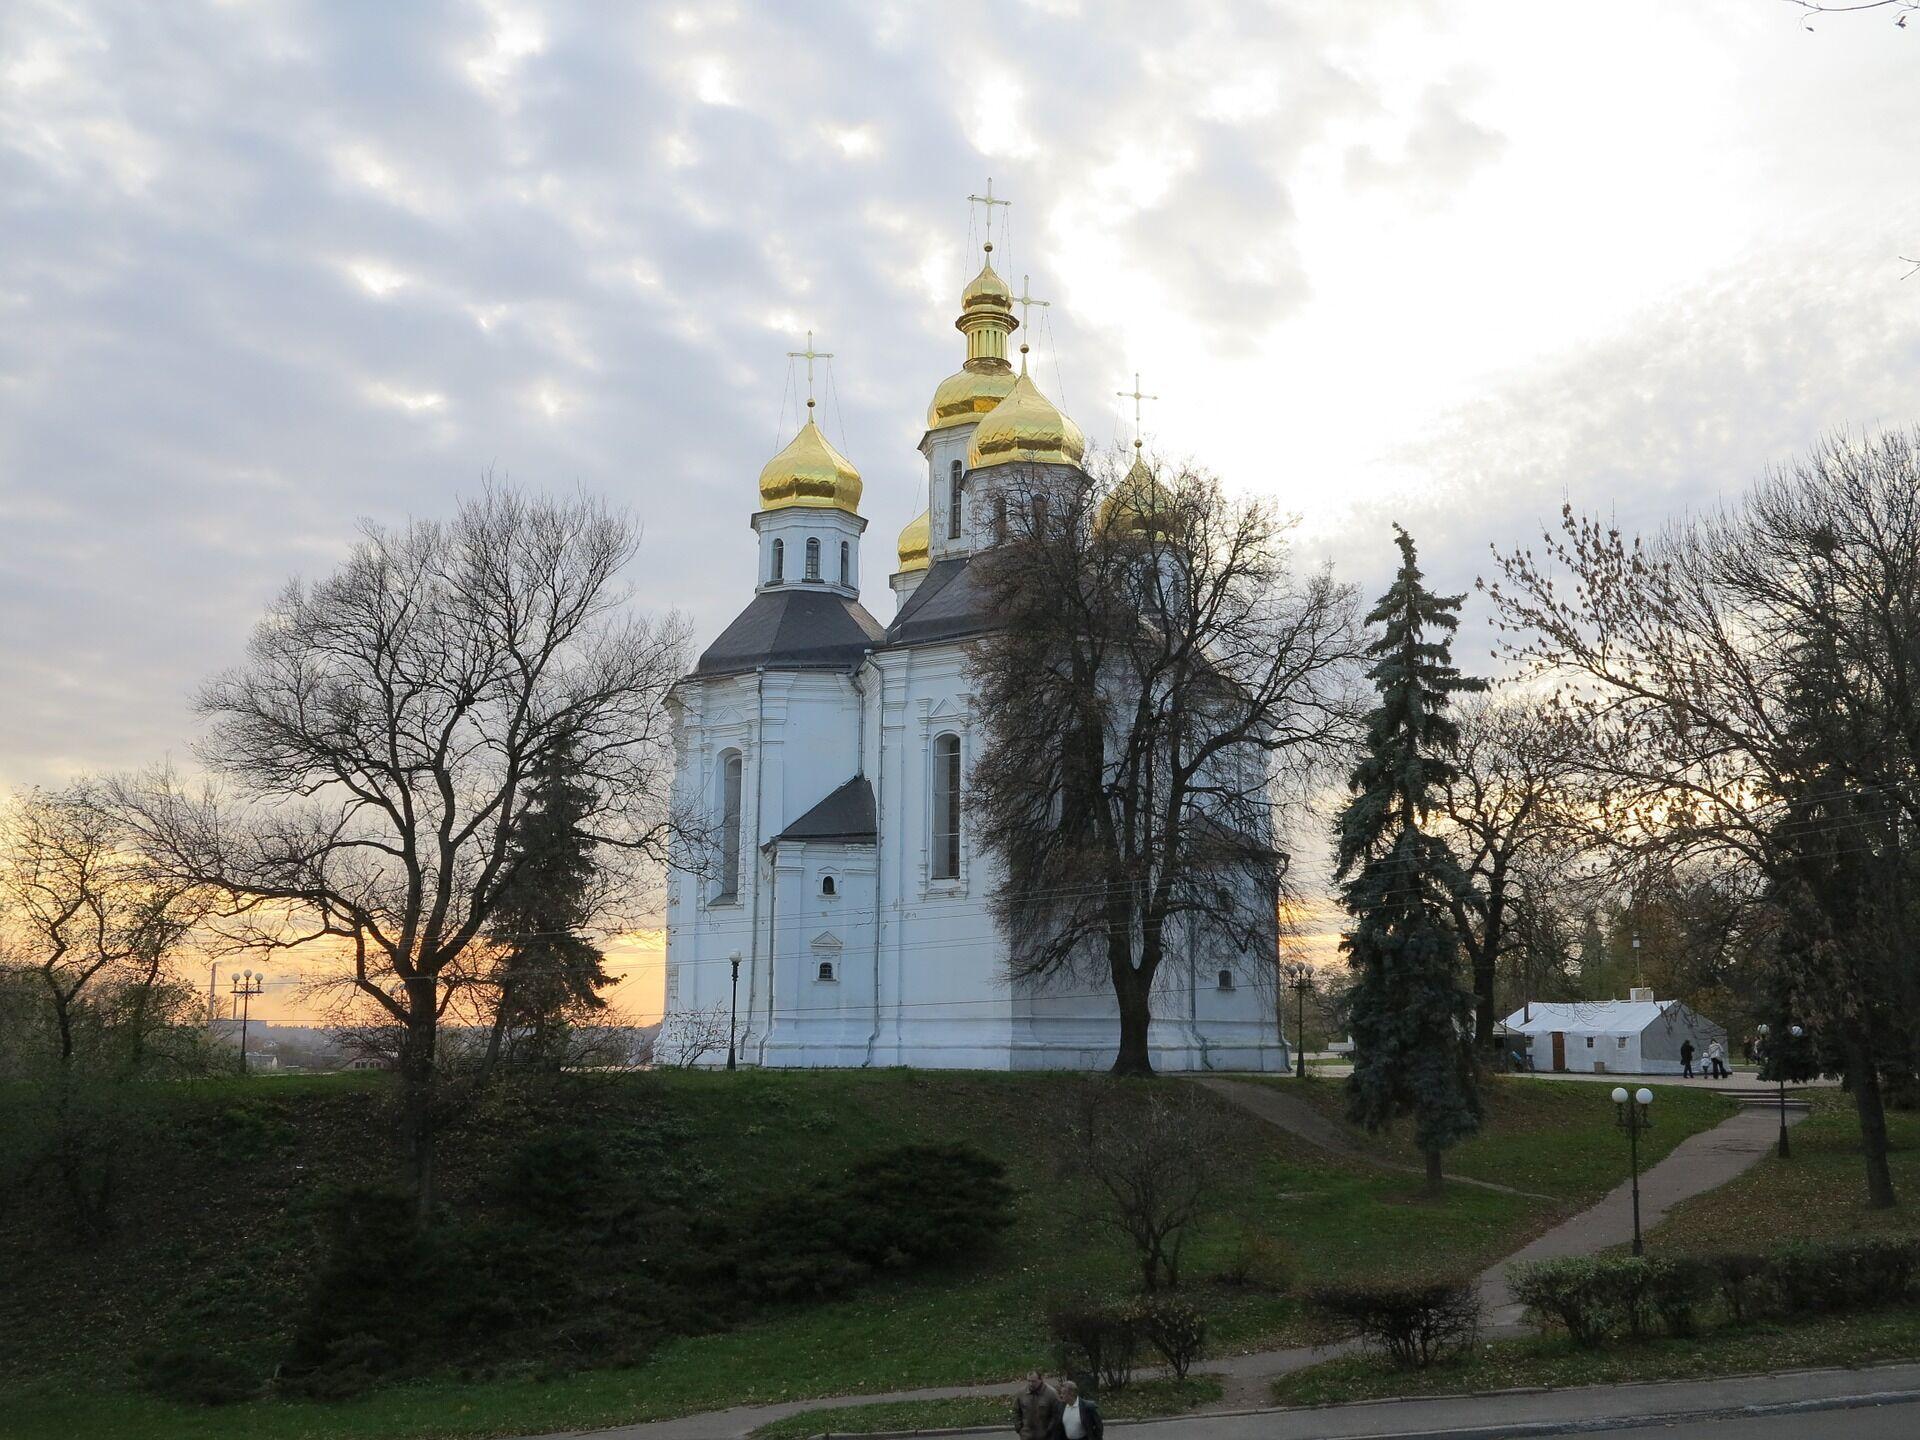 Чернігів – місто з давньою історією.